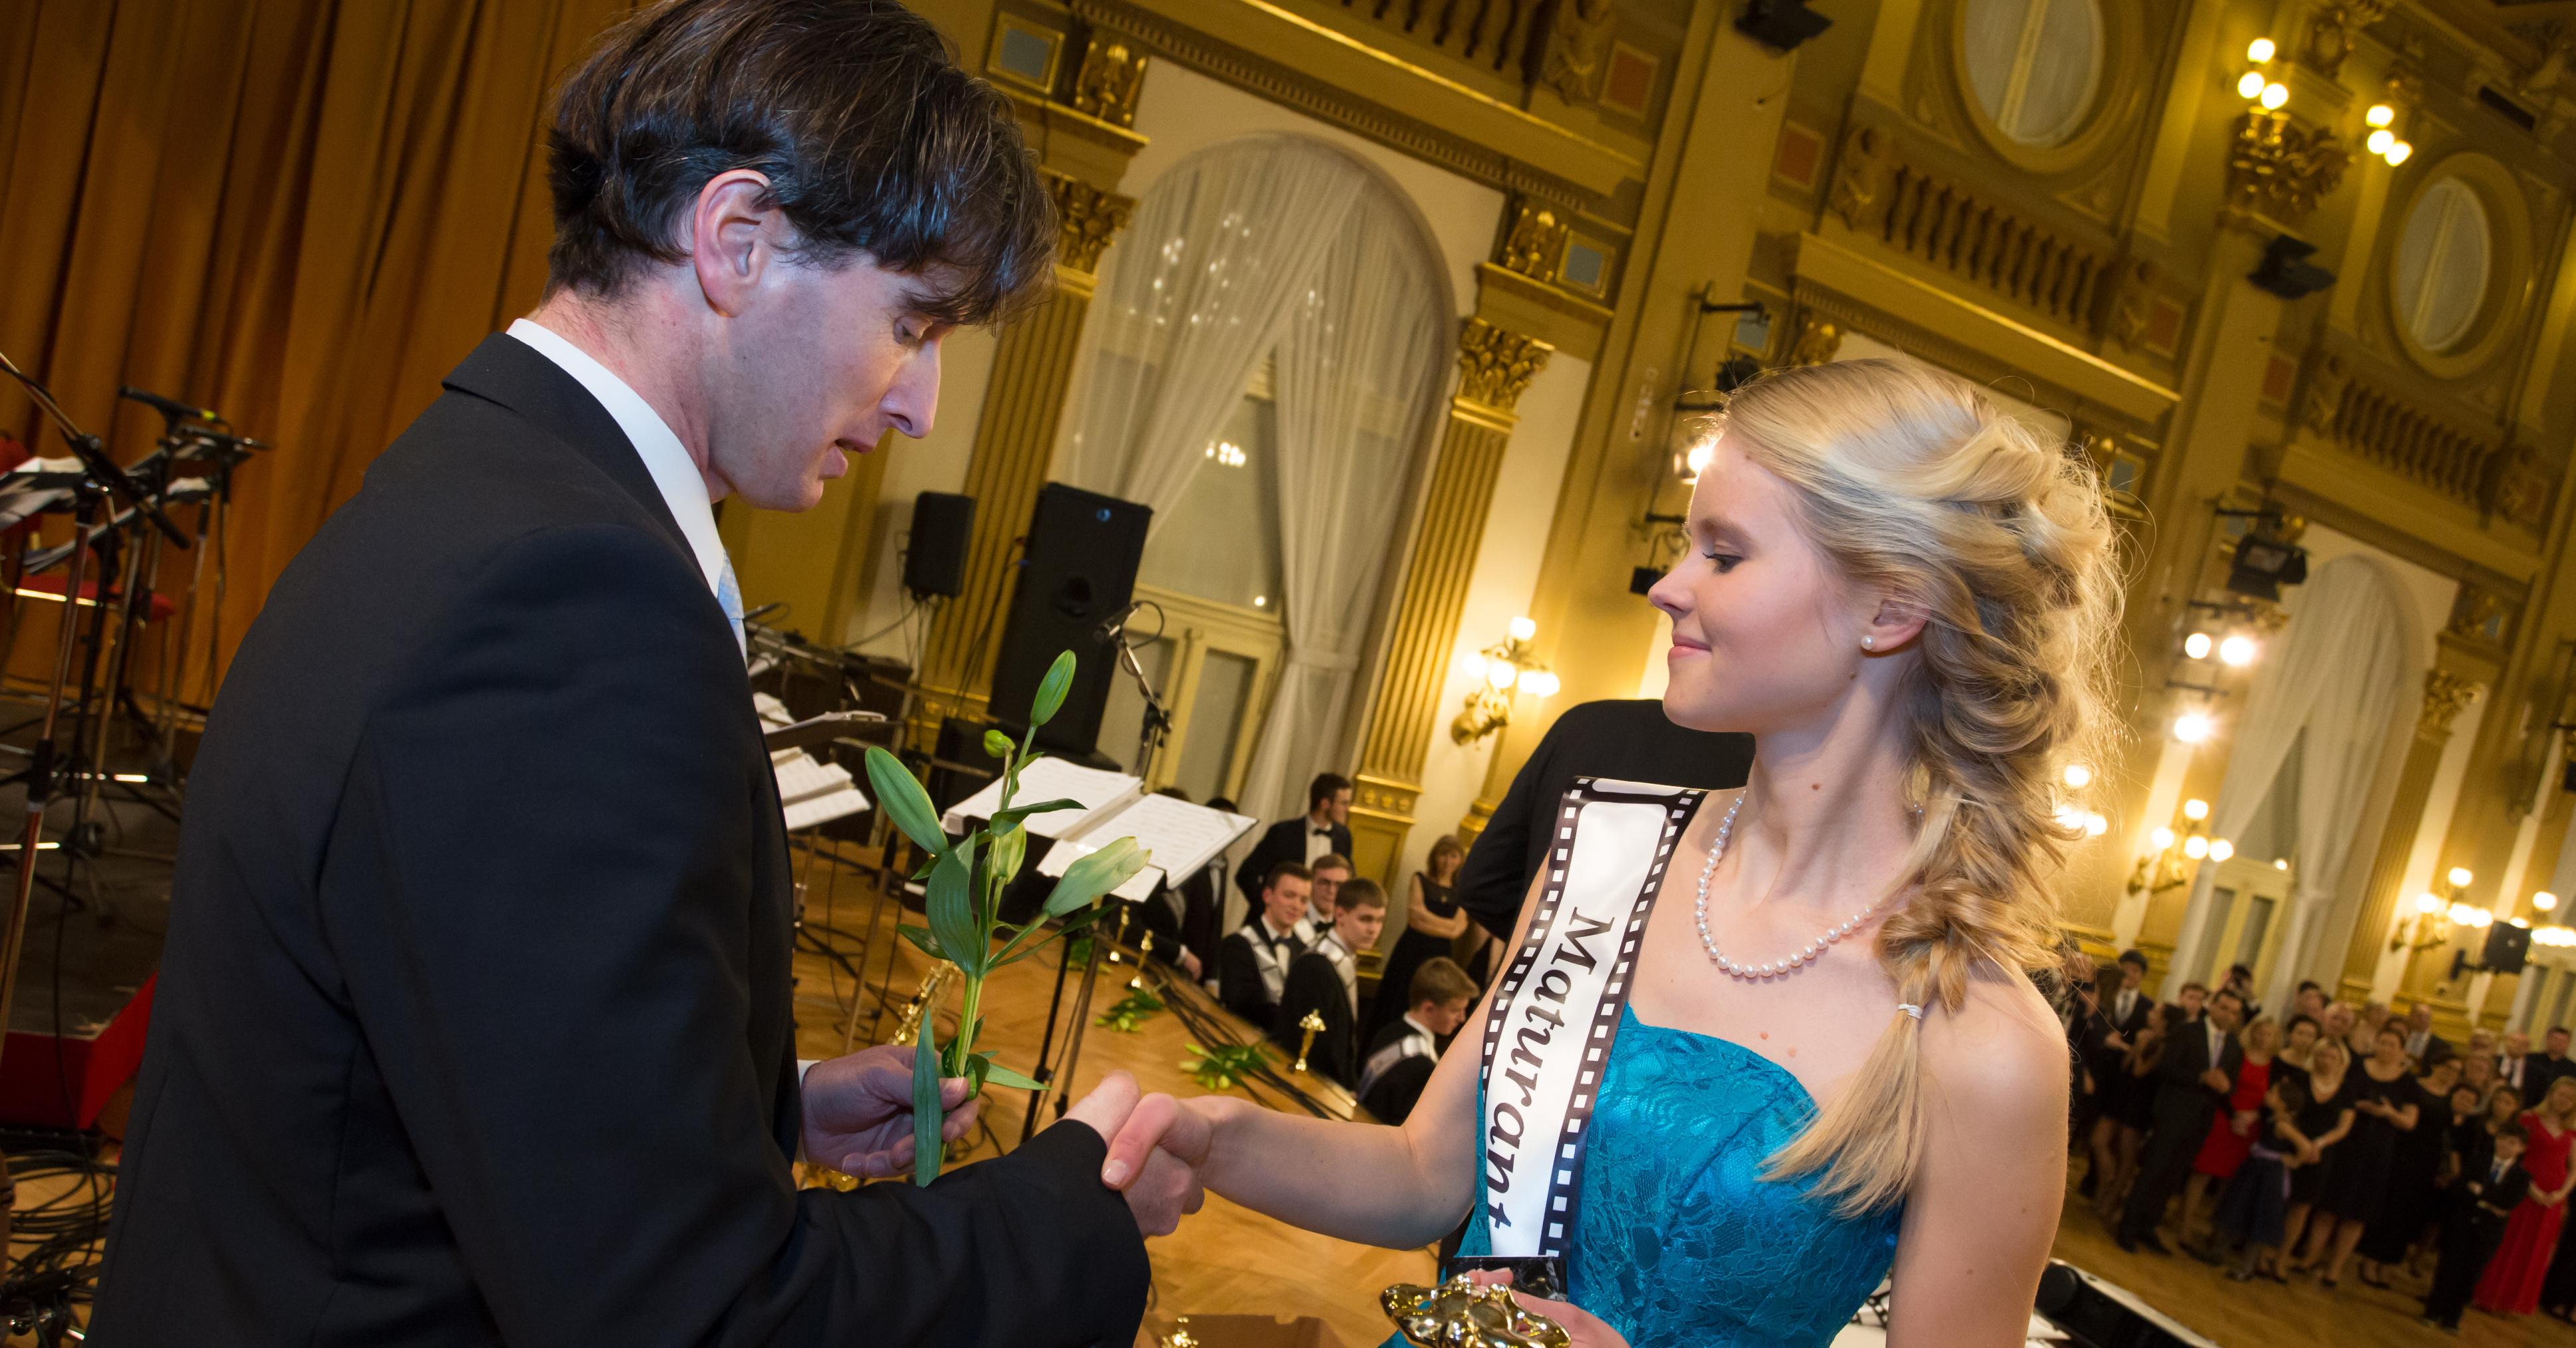 Češka uspěla v mezinárodní maturitě a míří na Oxford